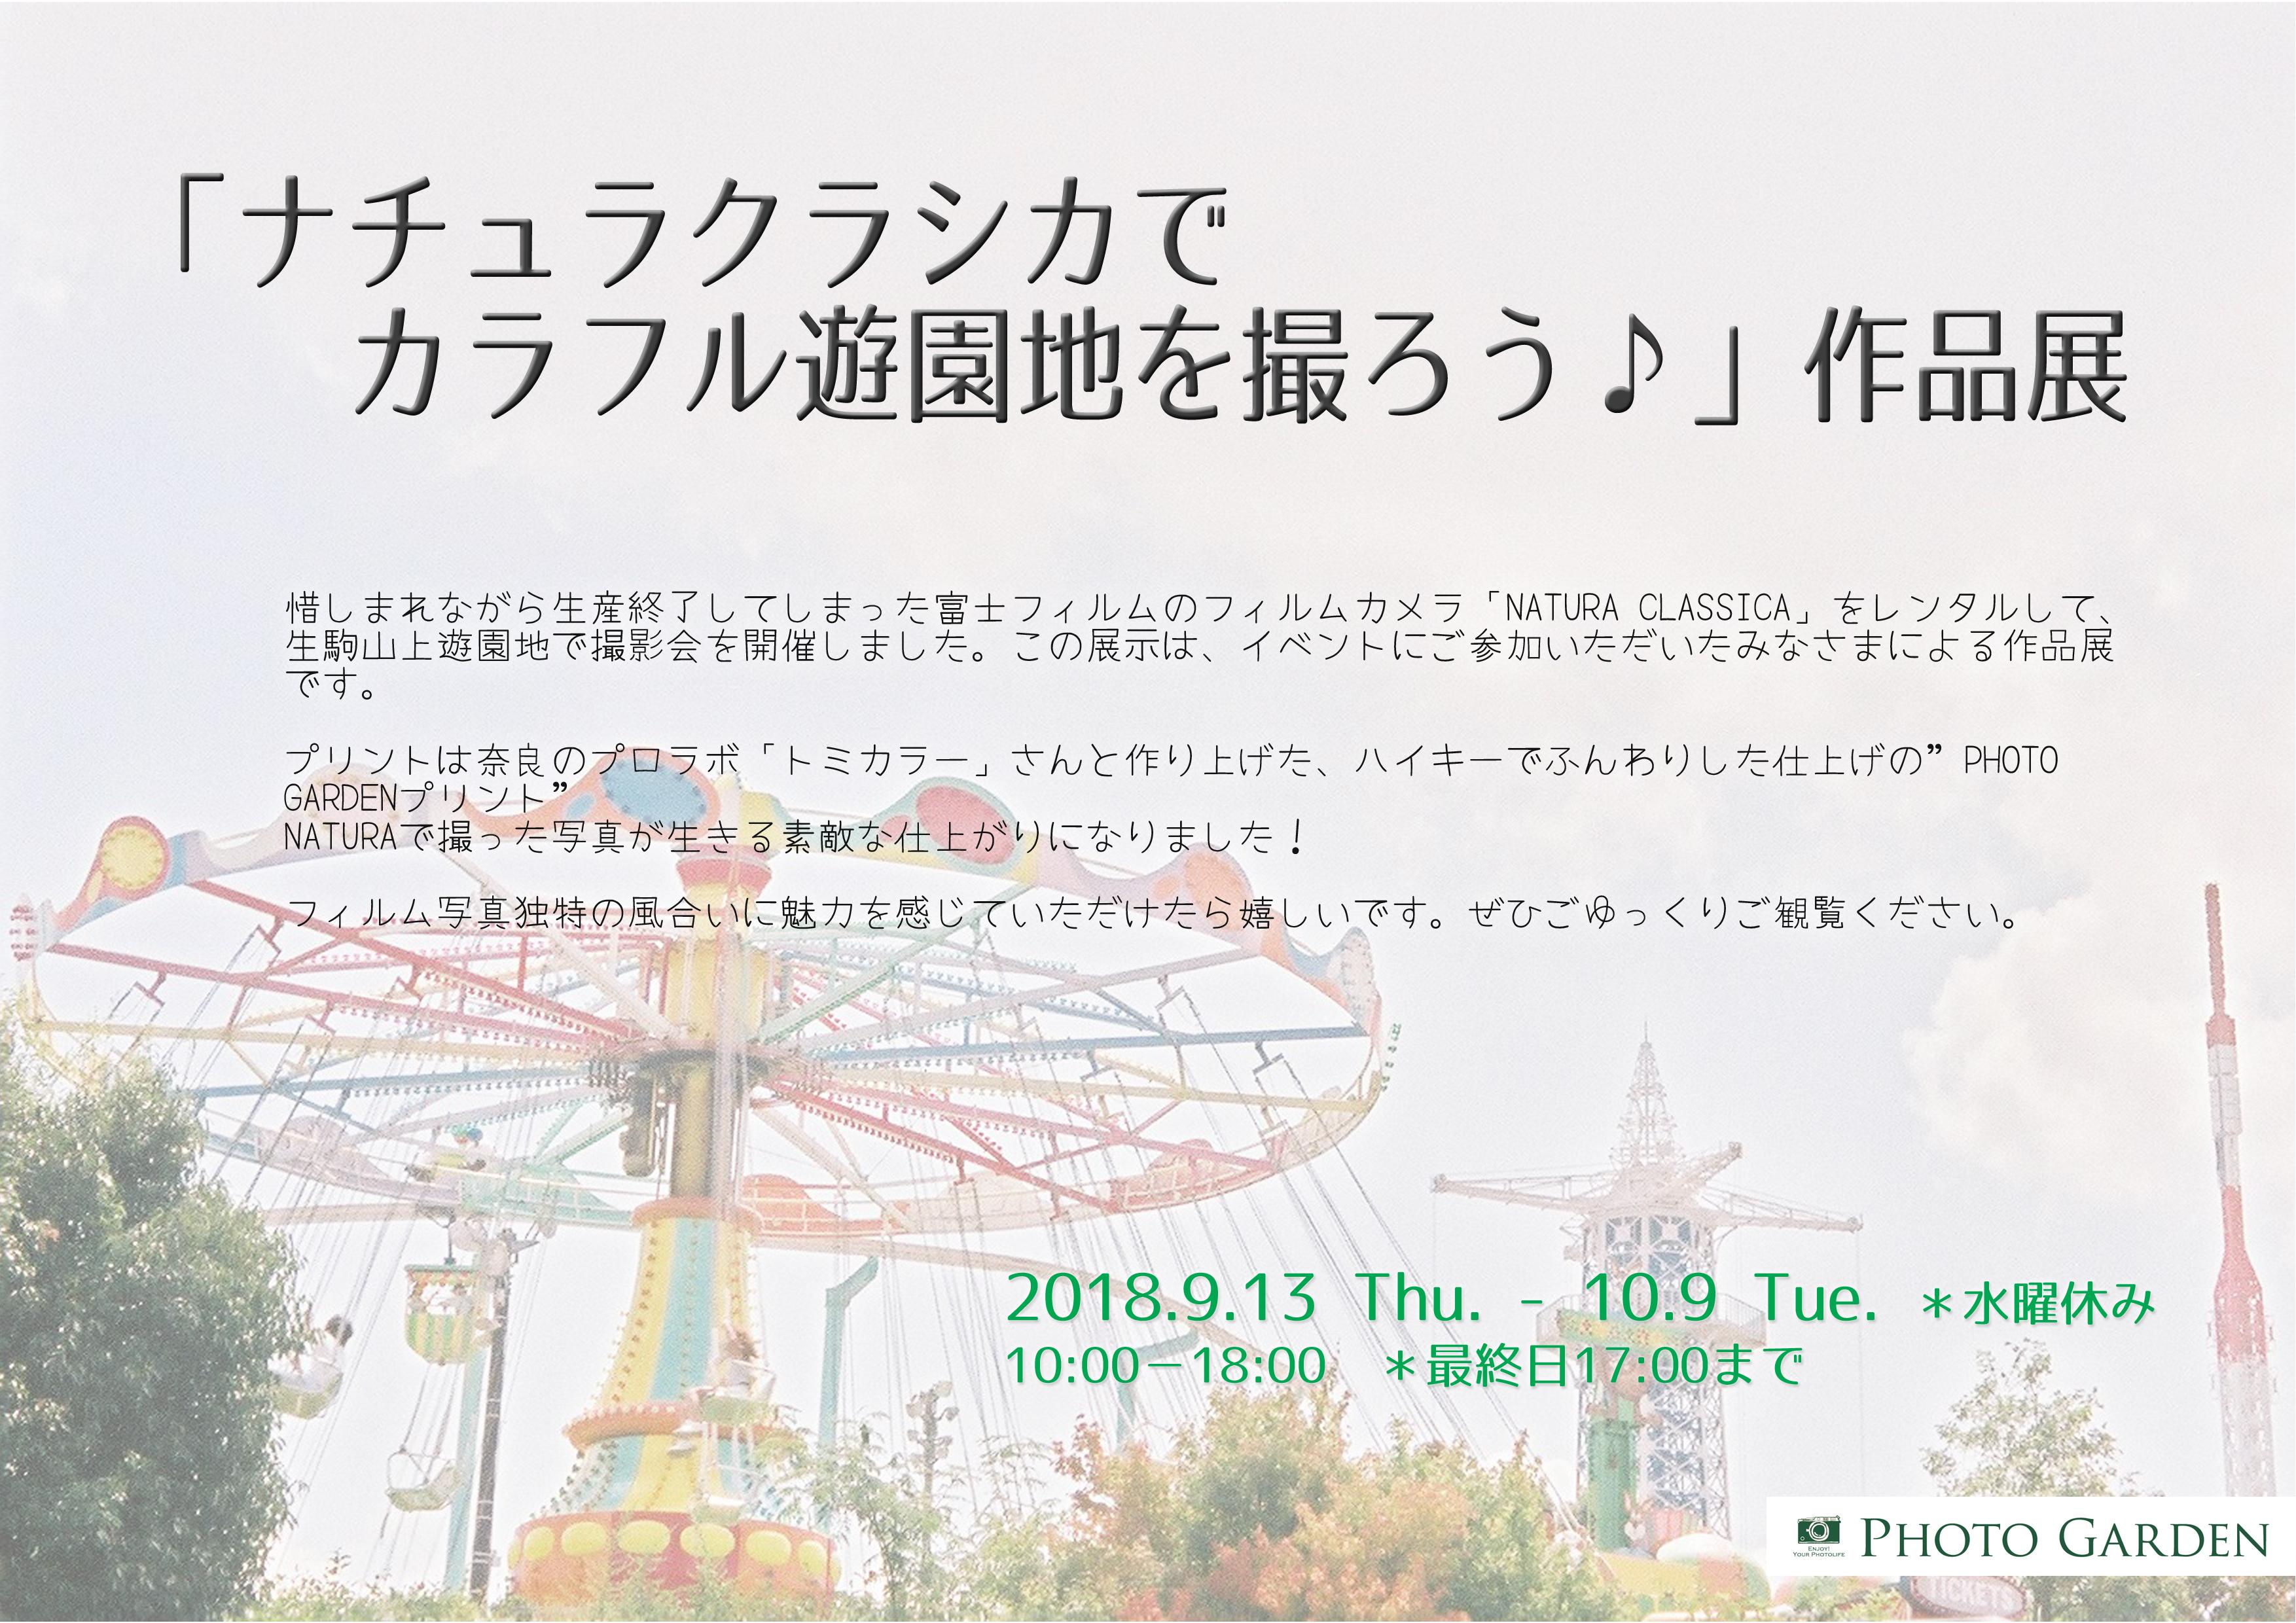 「ナチュラクラシカでカラフル遊園地を撮ろう♪」作品展